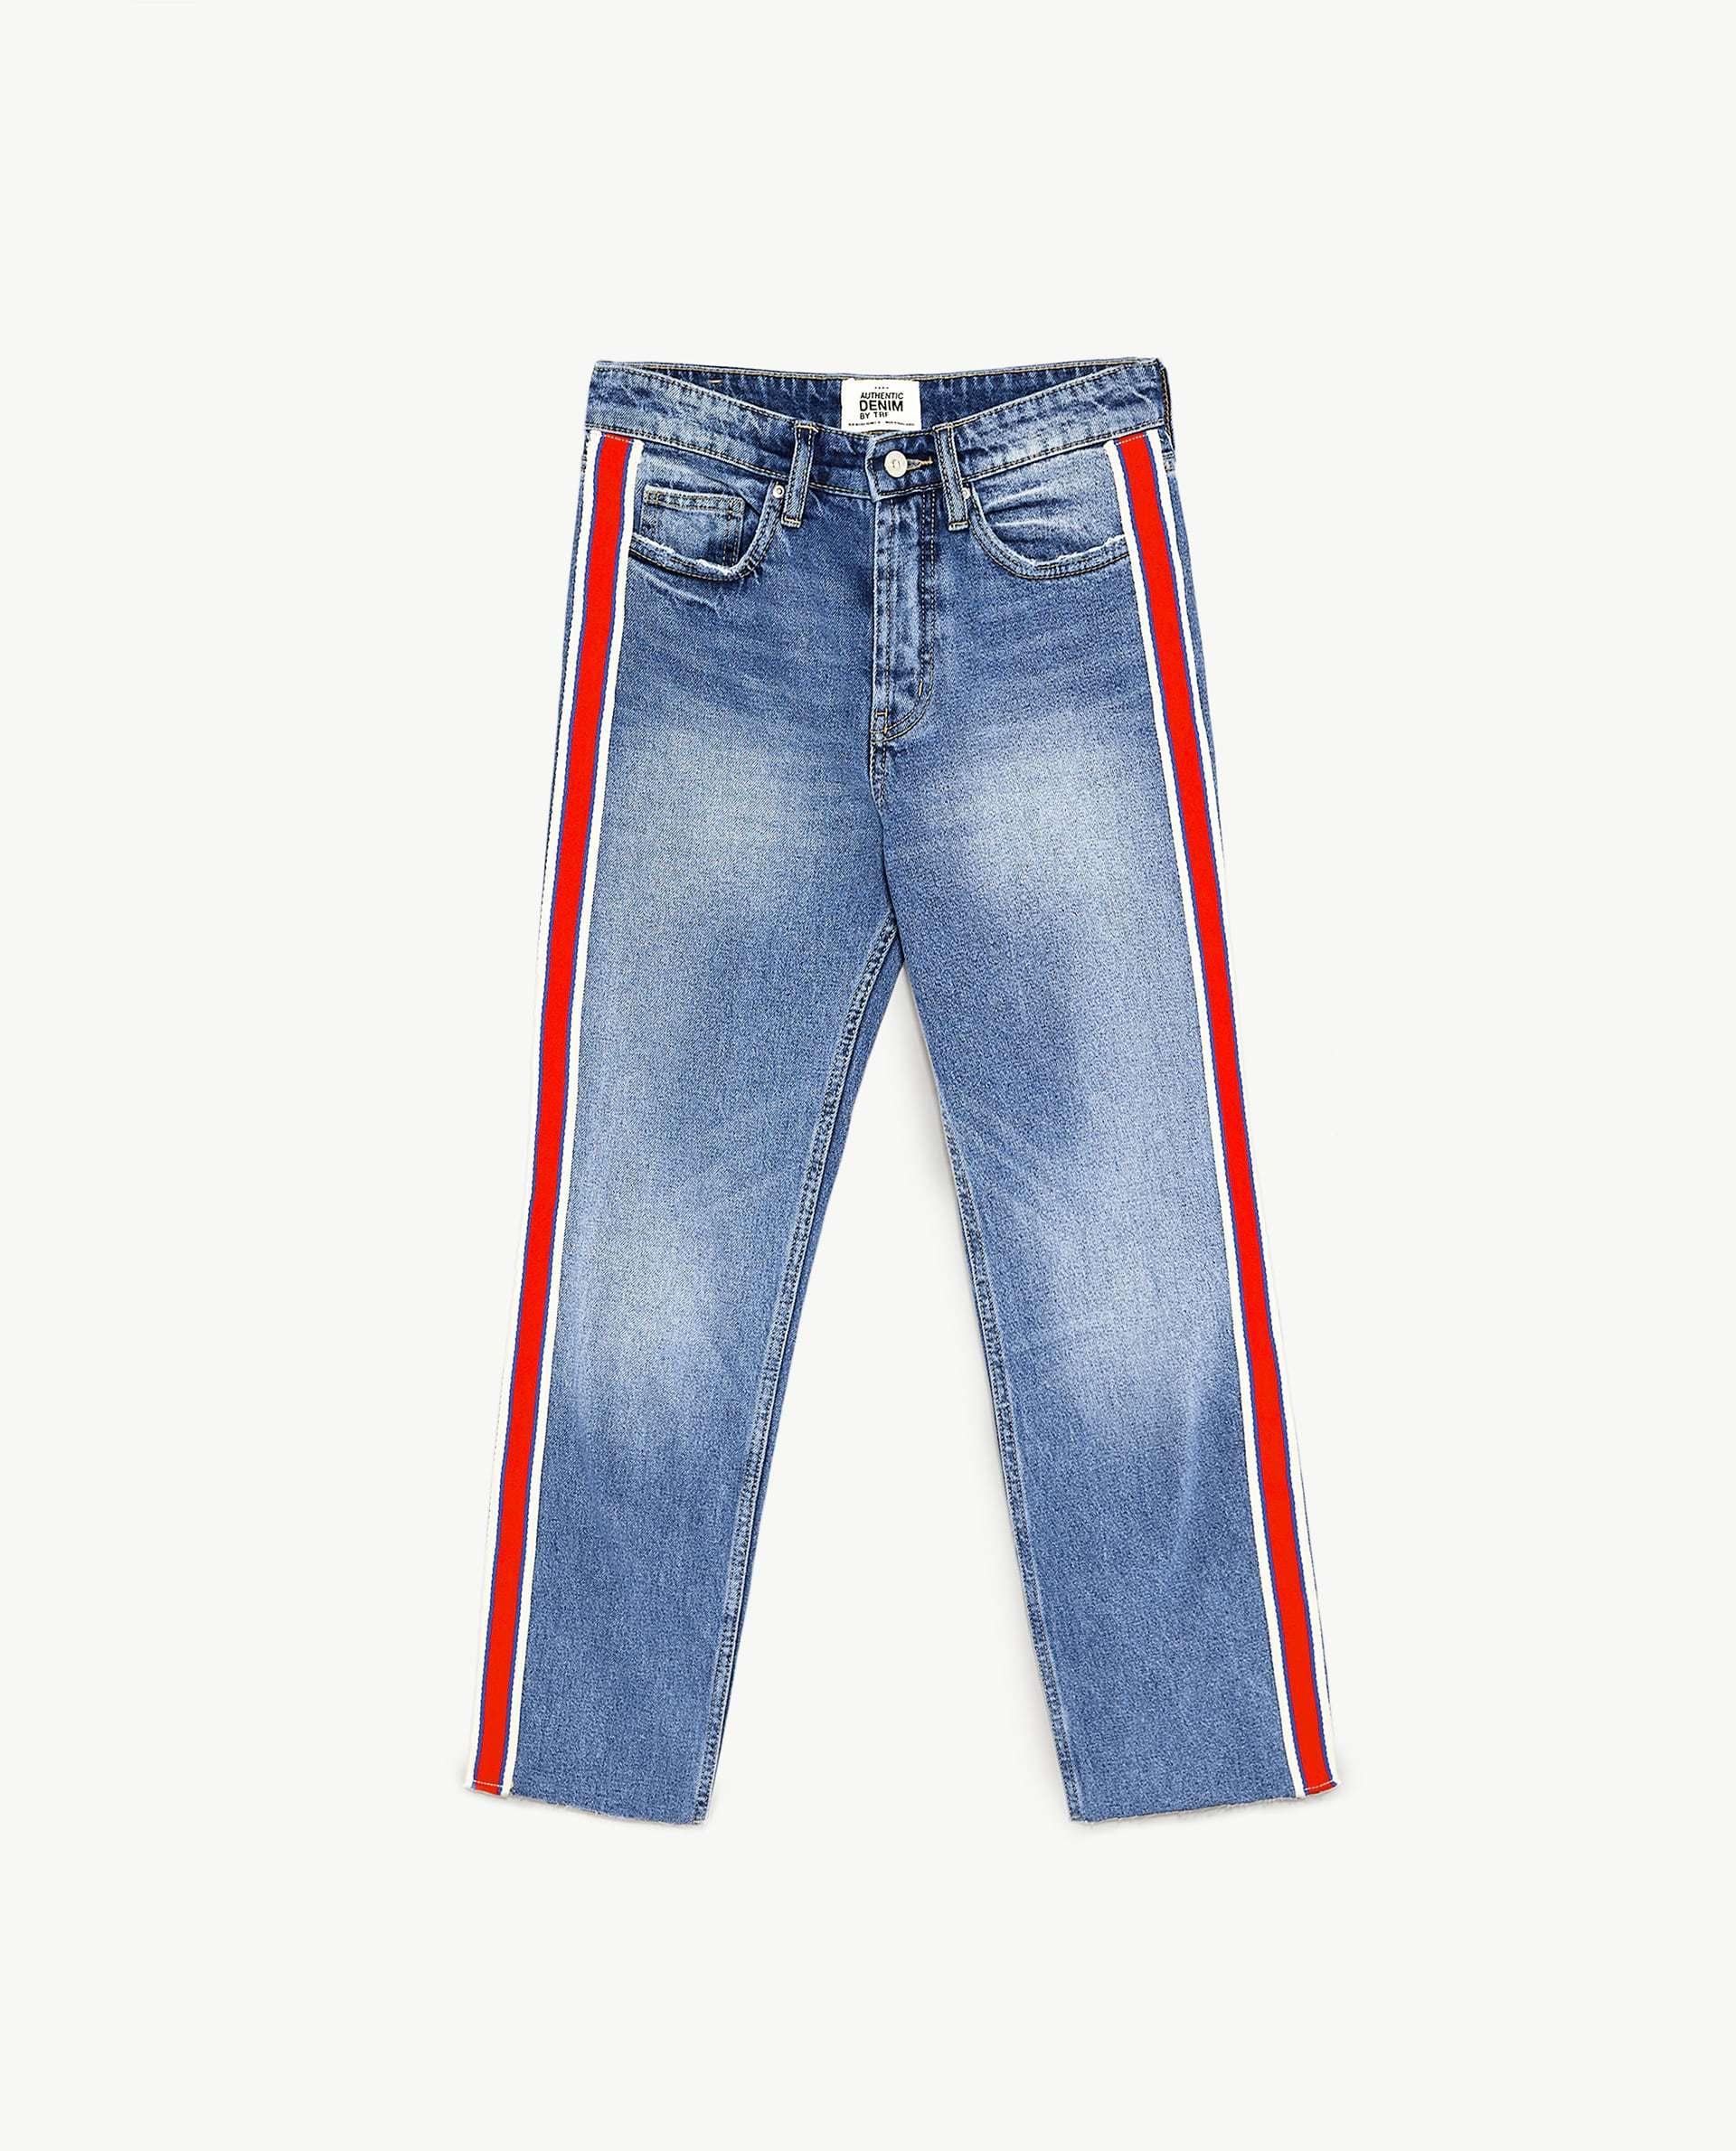 Jeans talle alto con bandas laterales de Zara (25,95 euros)